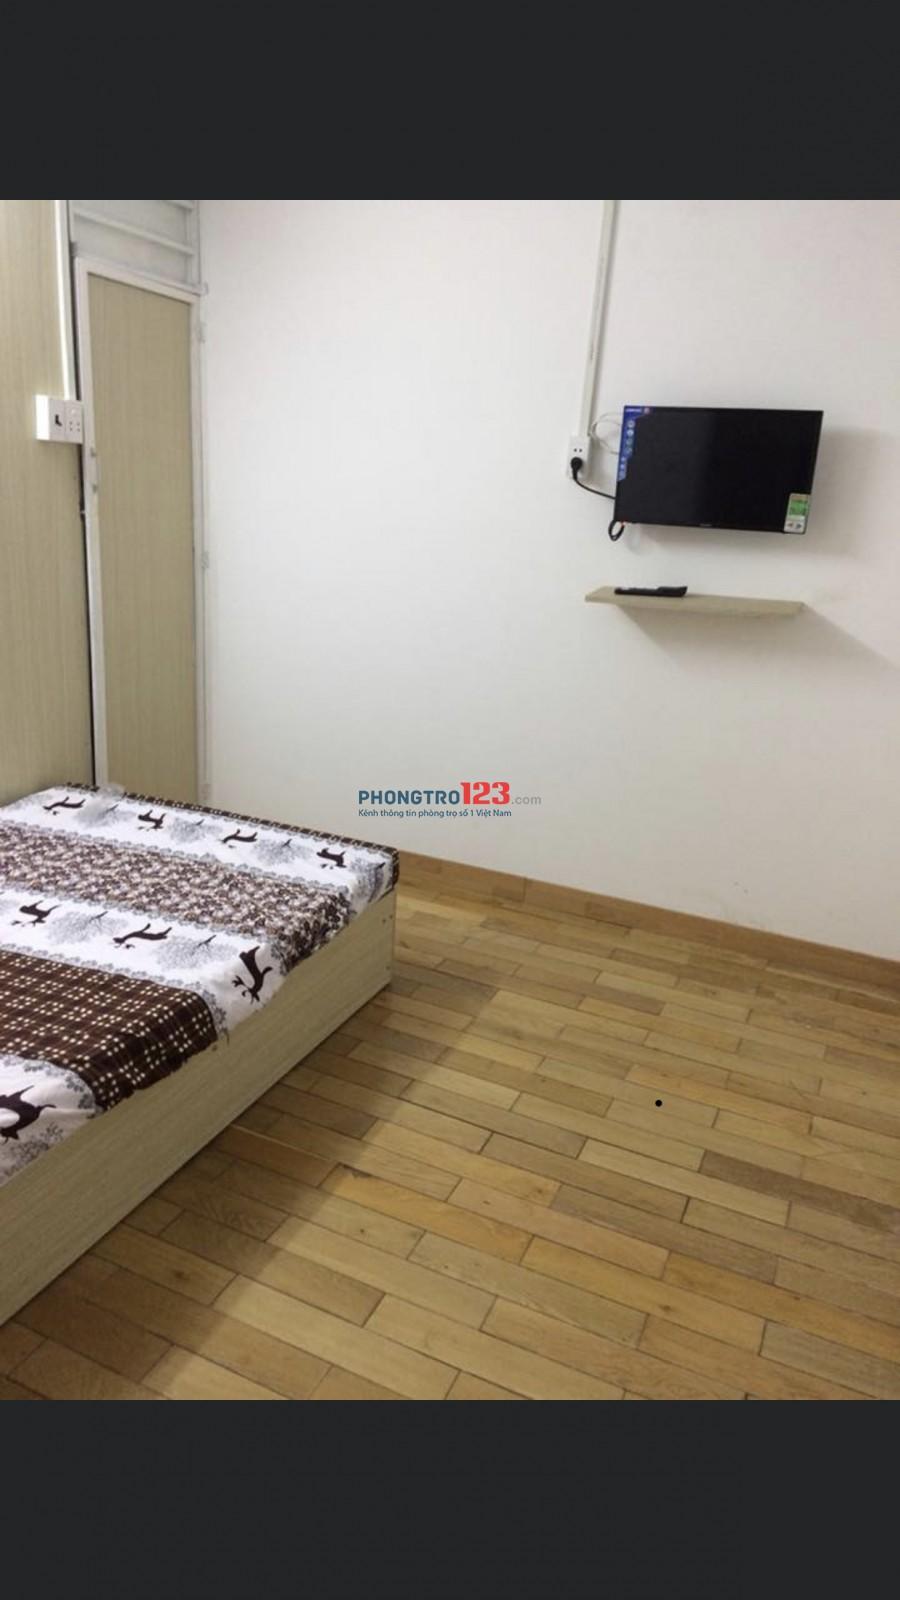 Cho thuê phòng có sẵn nội thất giá 3tr1 ngay ban công nhỏ, và 3tr. Nội thất như nhau